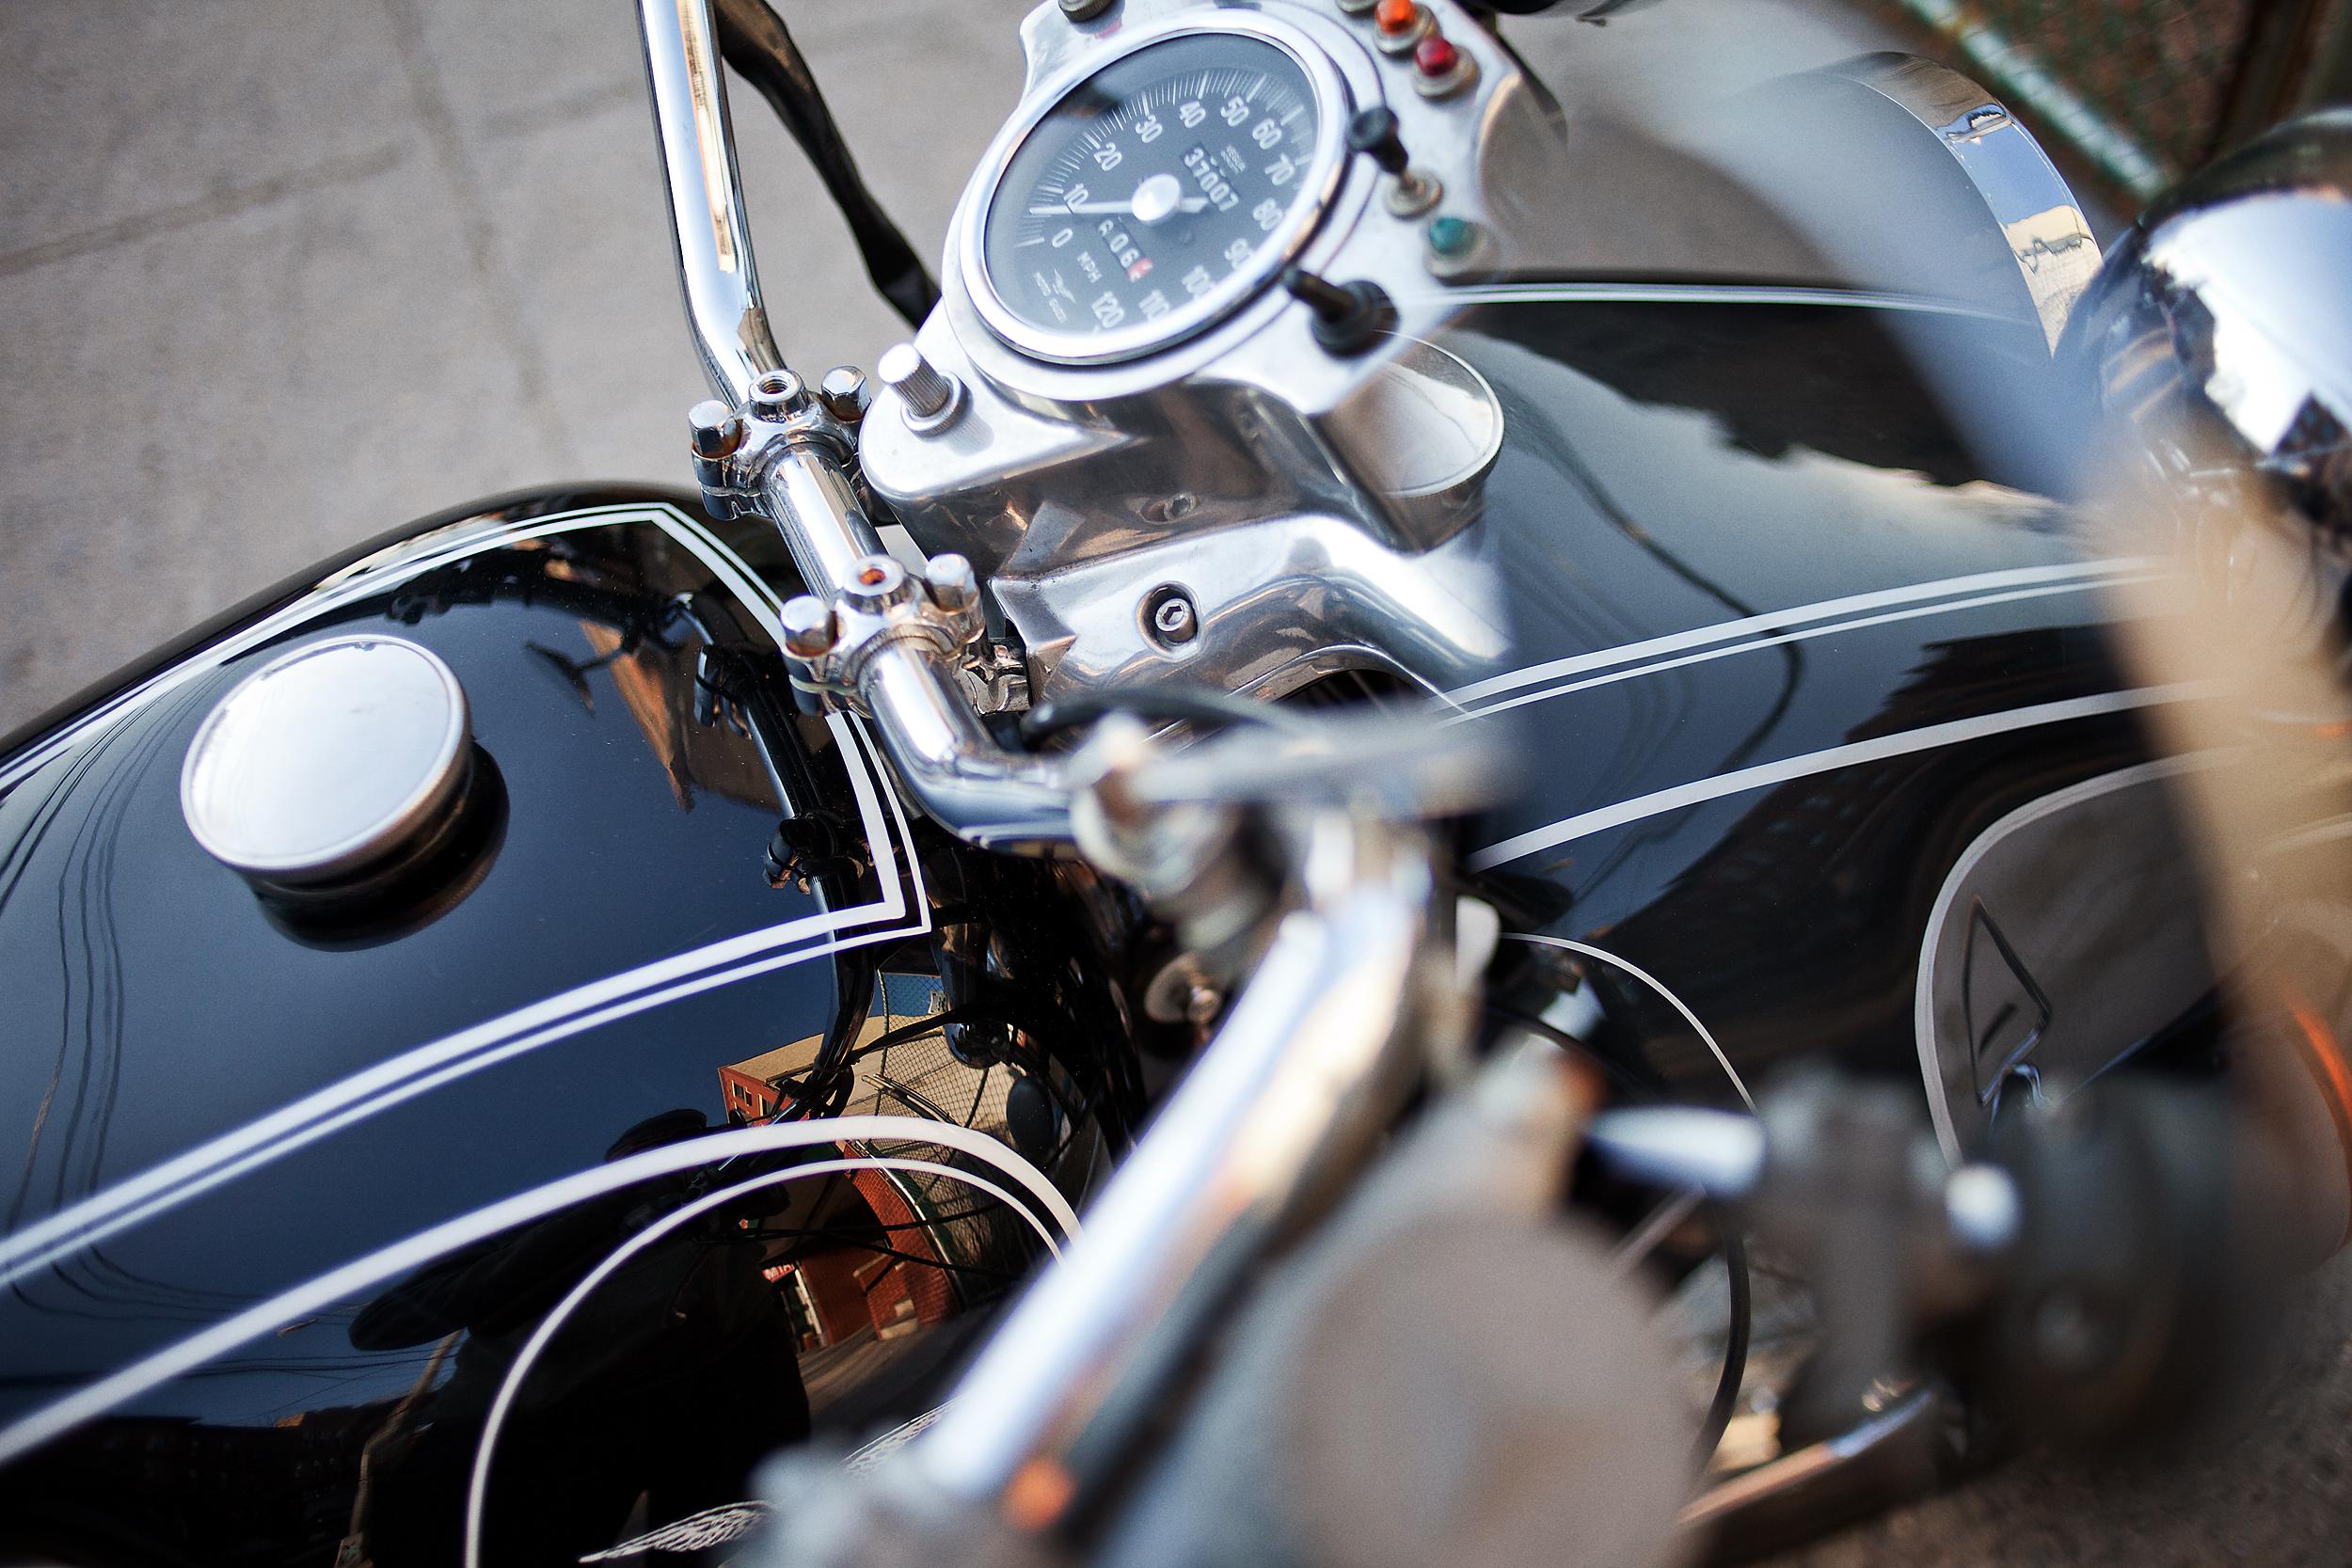 Moto Guzzi Eldorado Mirror